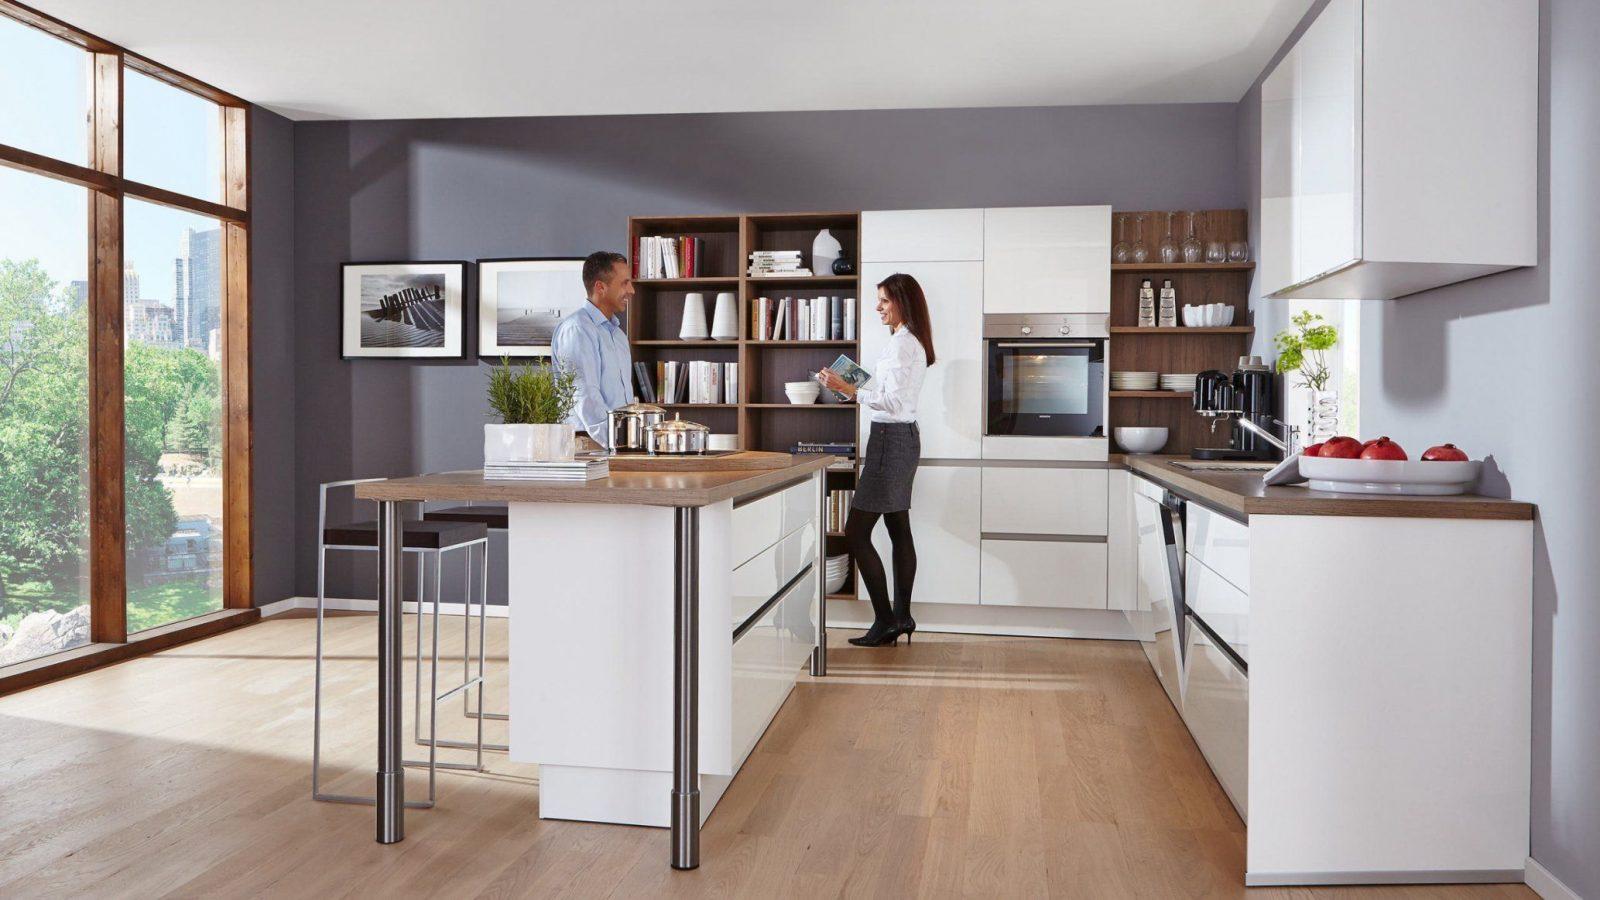 Kuche U Küchen Mit Insel Ton Auf Kuche Grundriss Küche Kochinsel von Küchen U Form Mit Kochinsel Photo